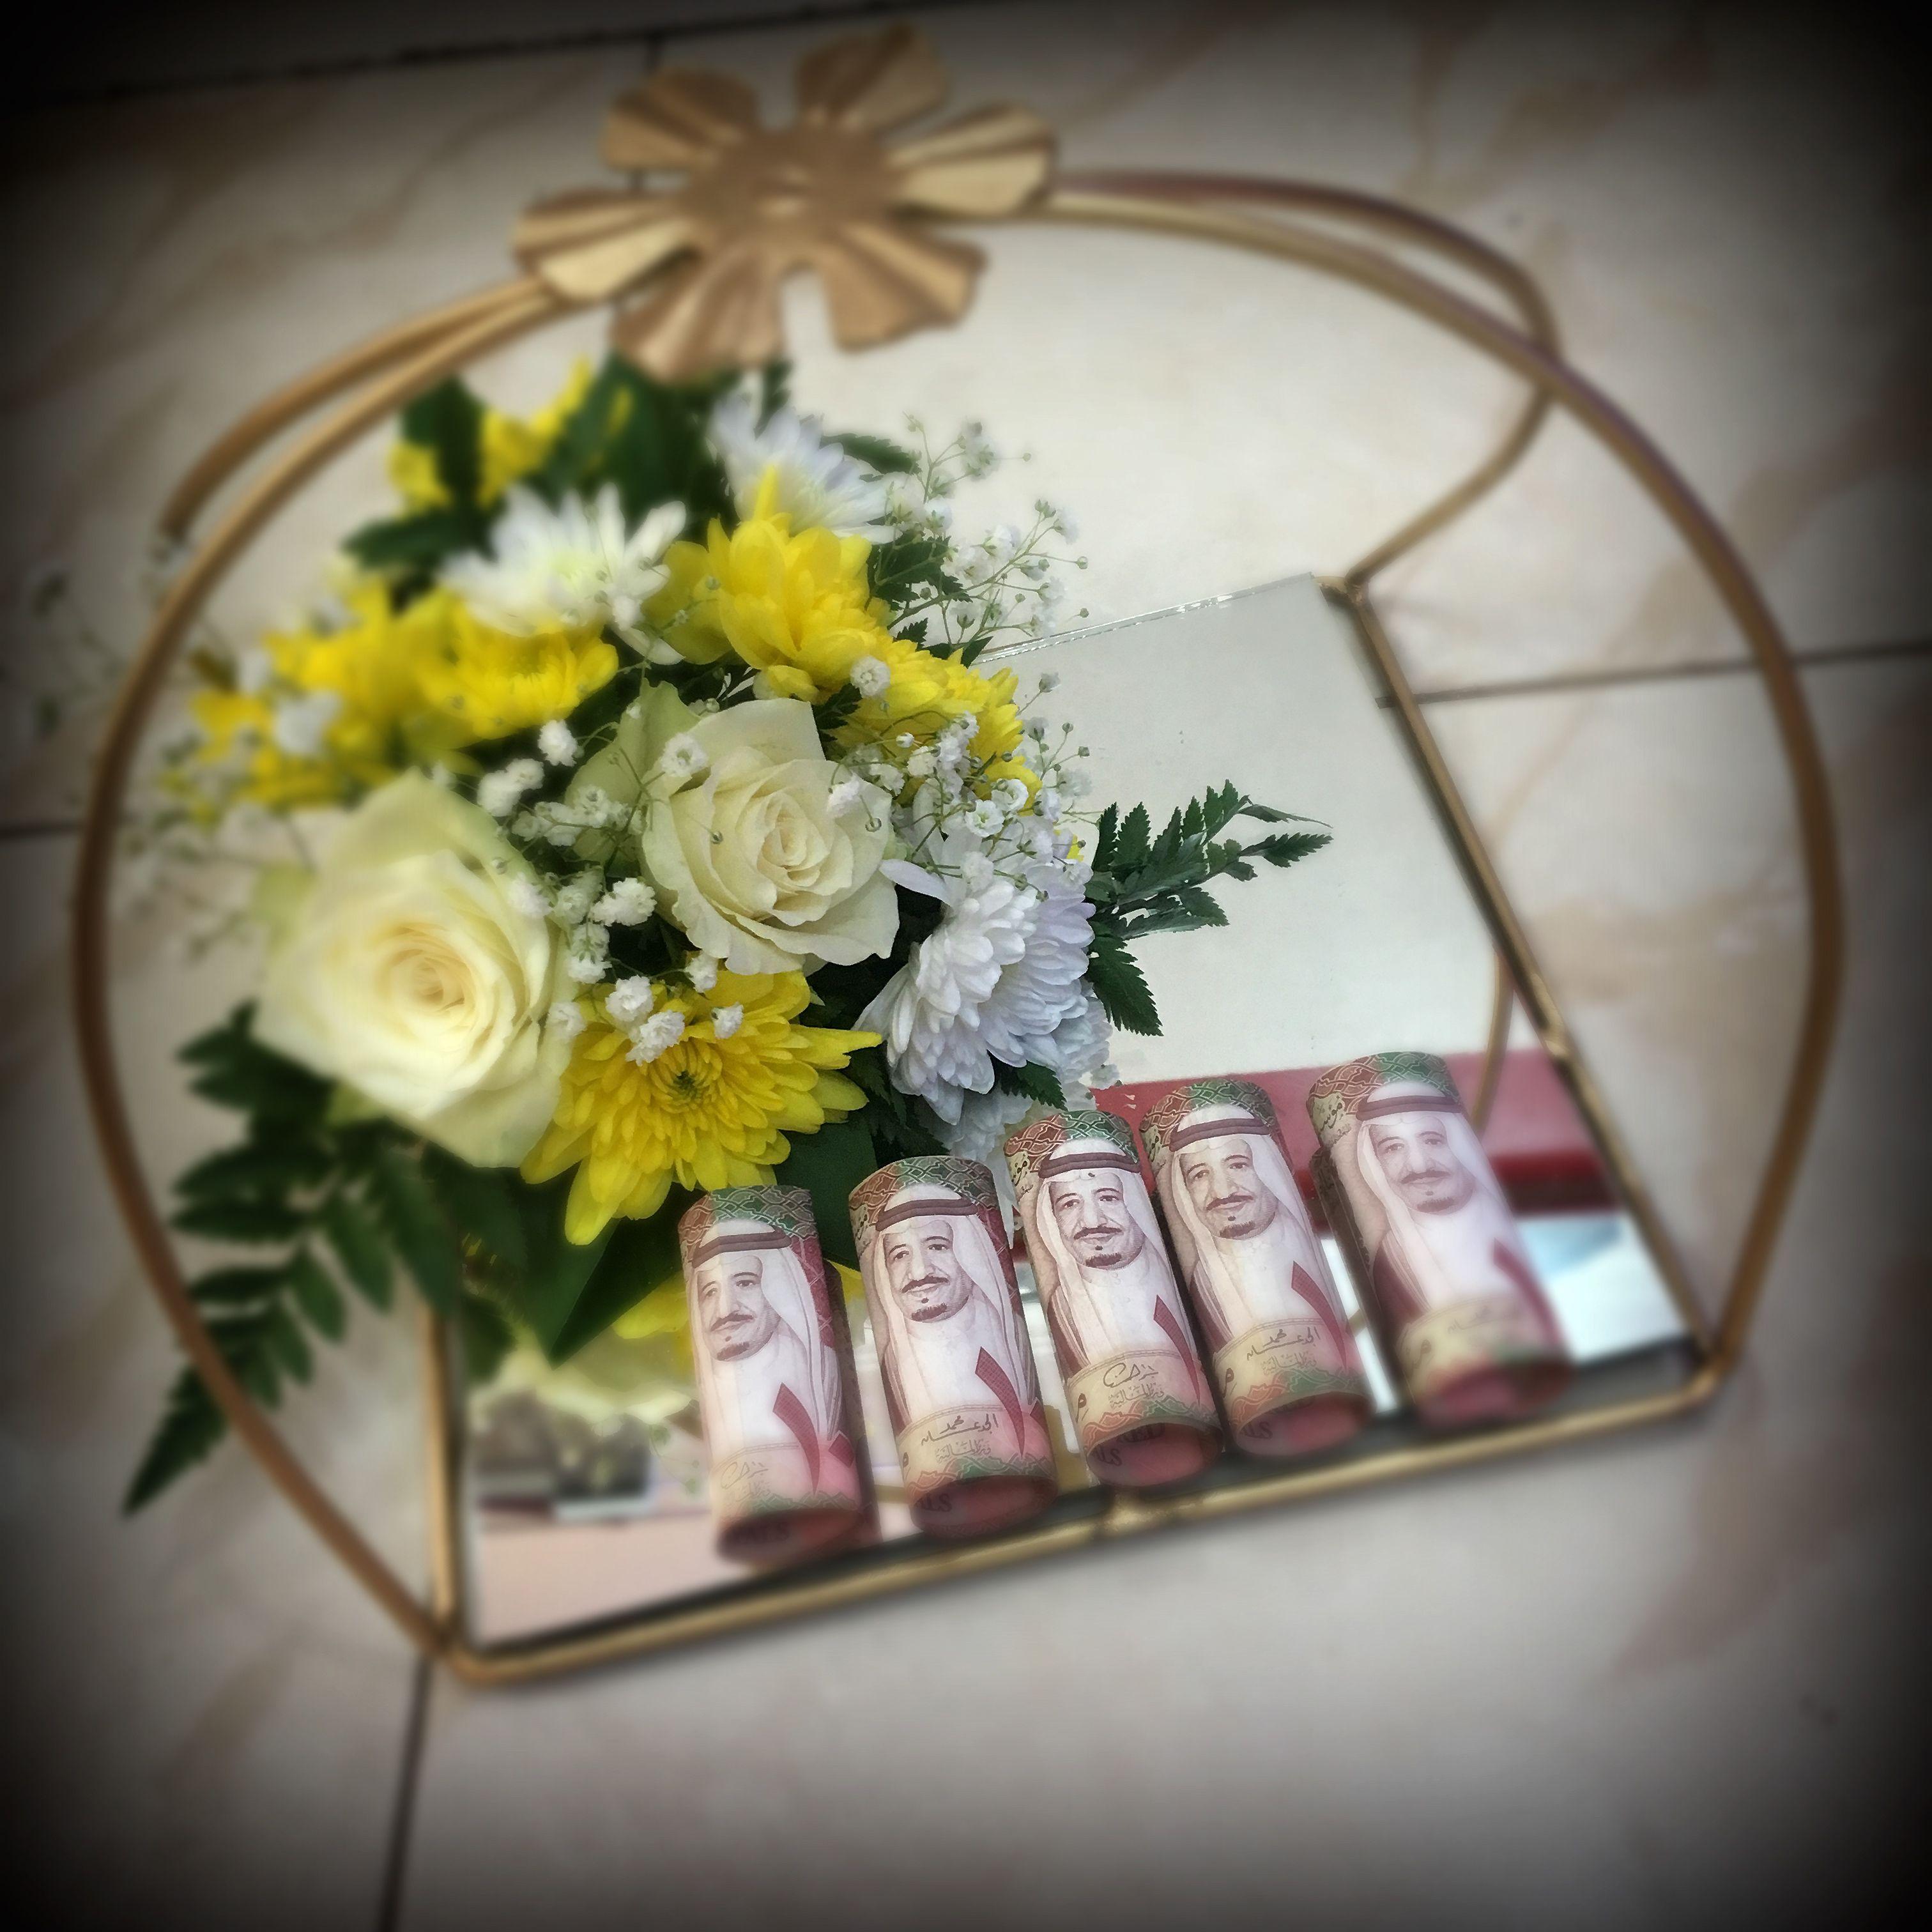 تغليف فلوس محل كلي ذوق Birthday Flowers Photo Gift Cards Baby Shower Flowers